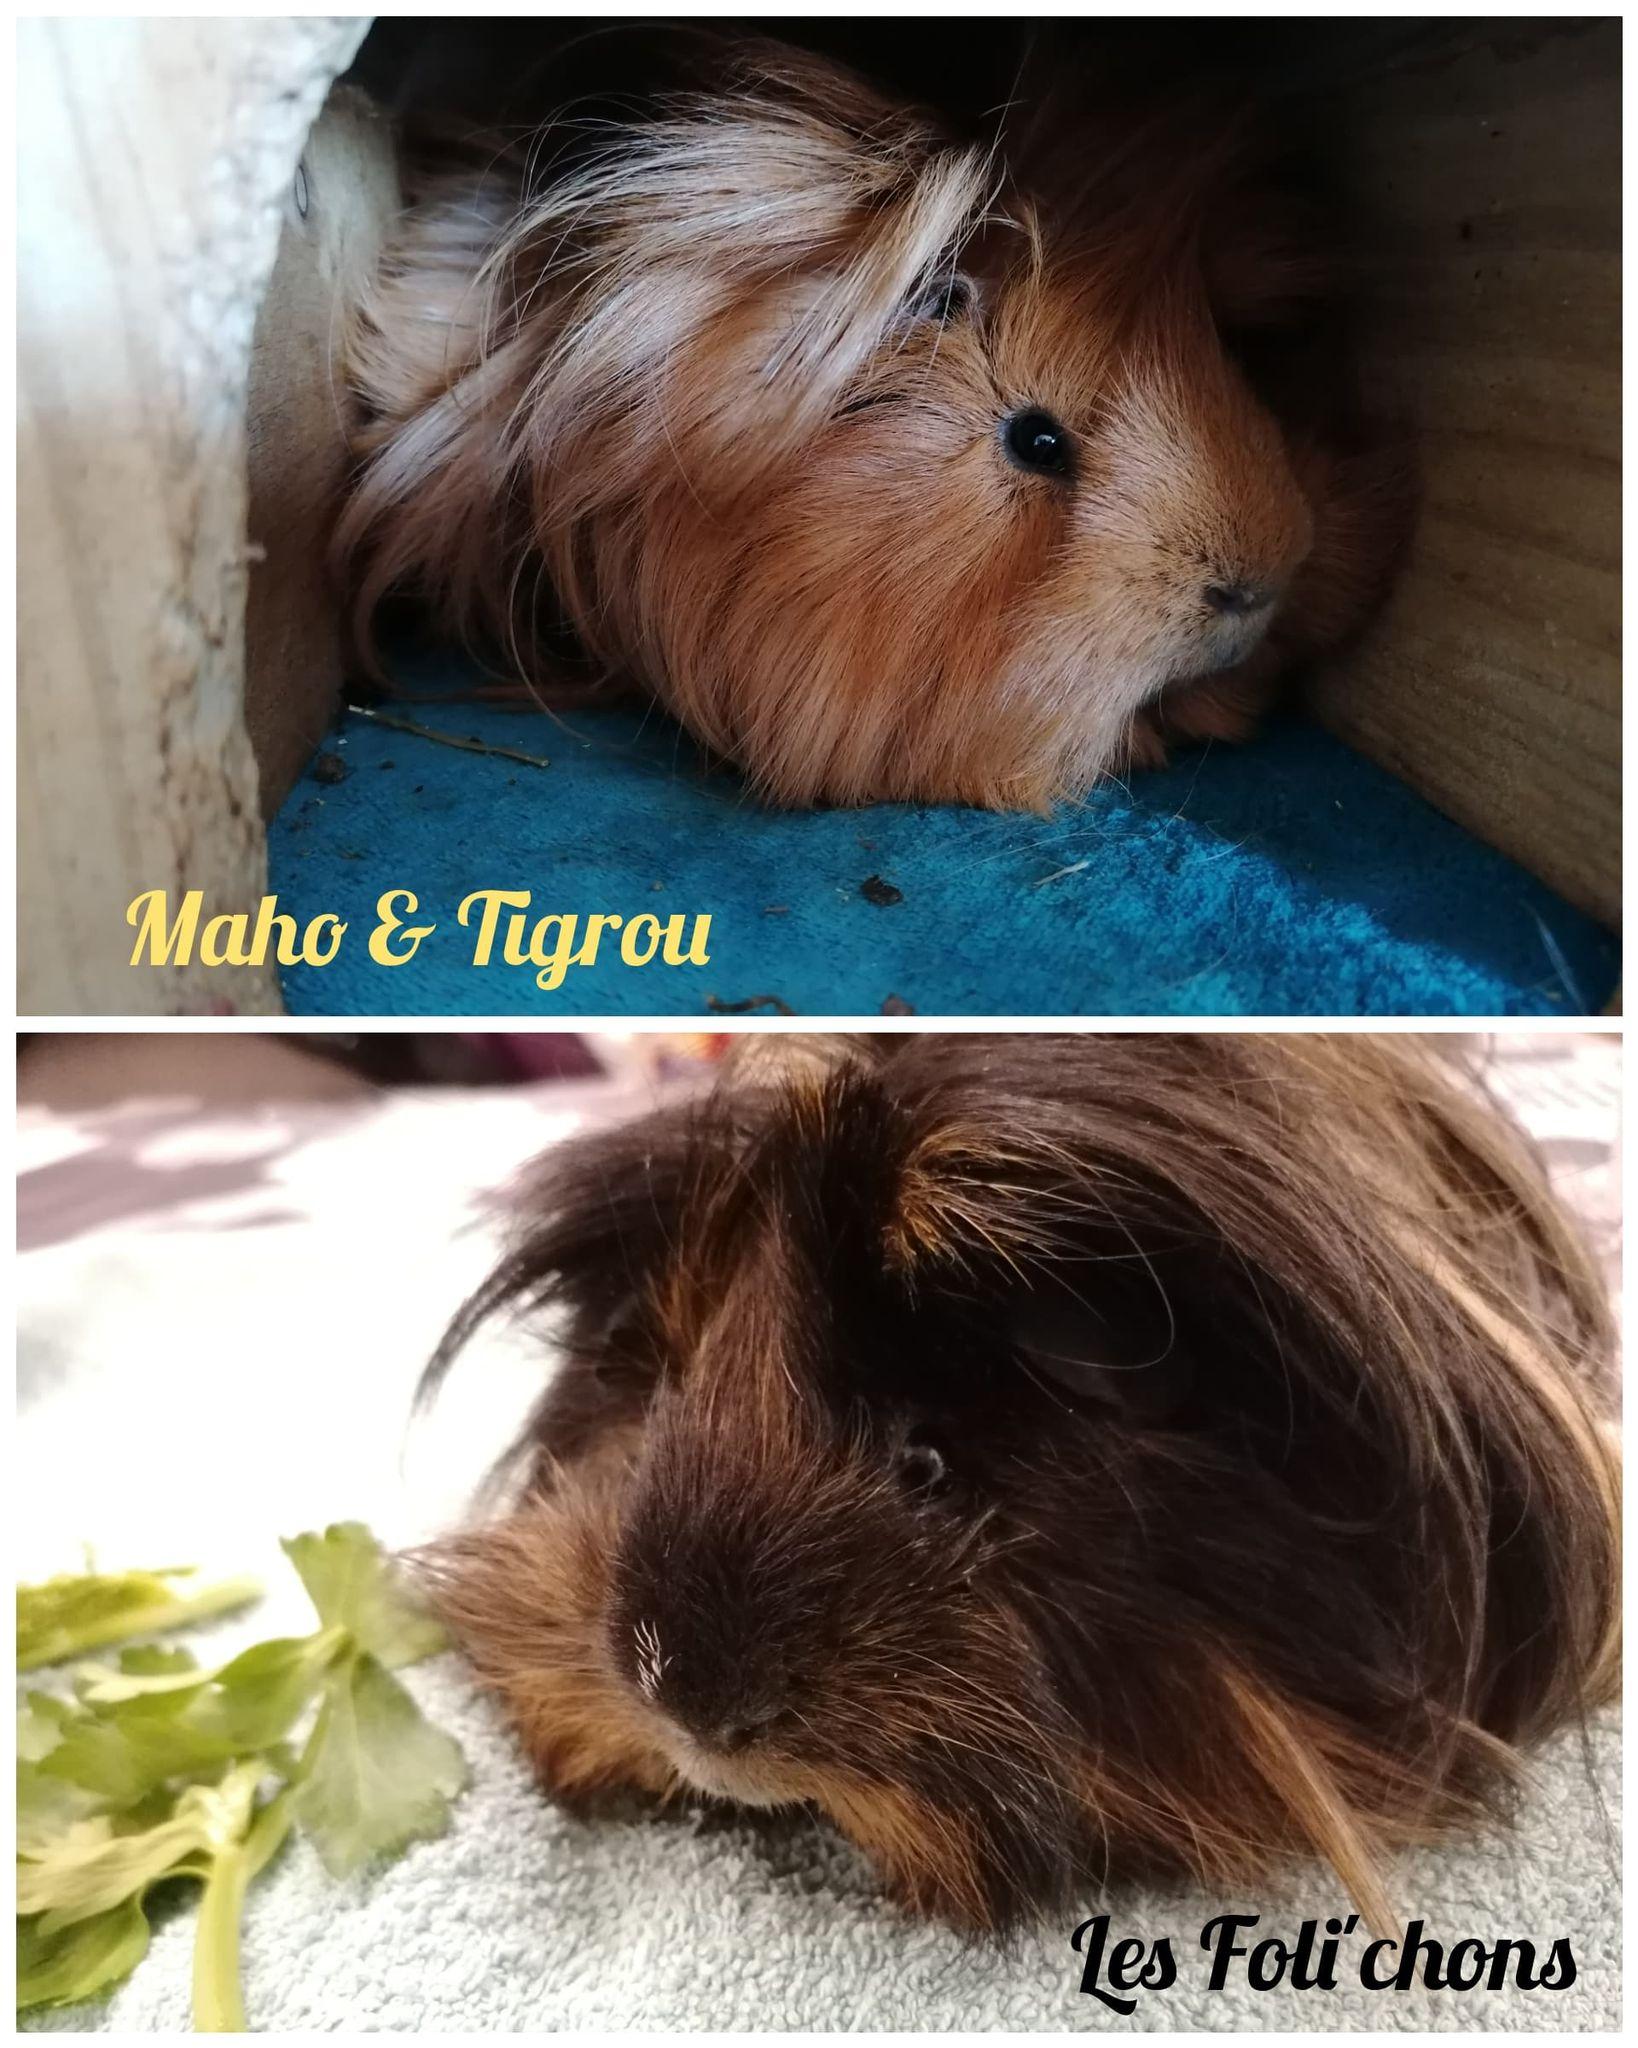 Winny & Maho